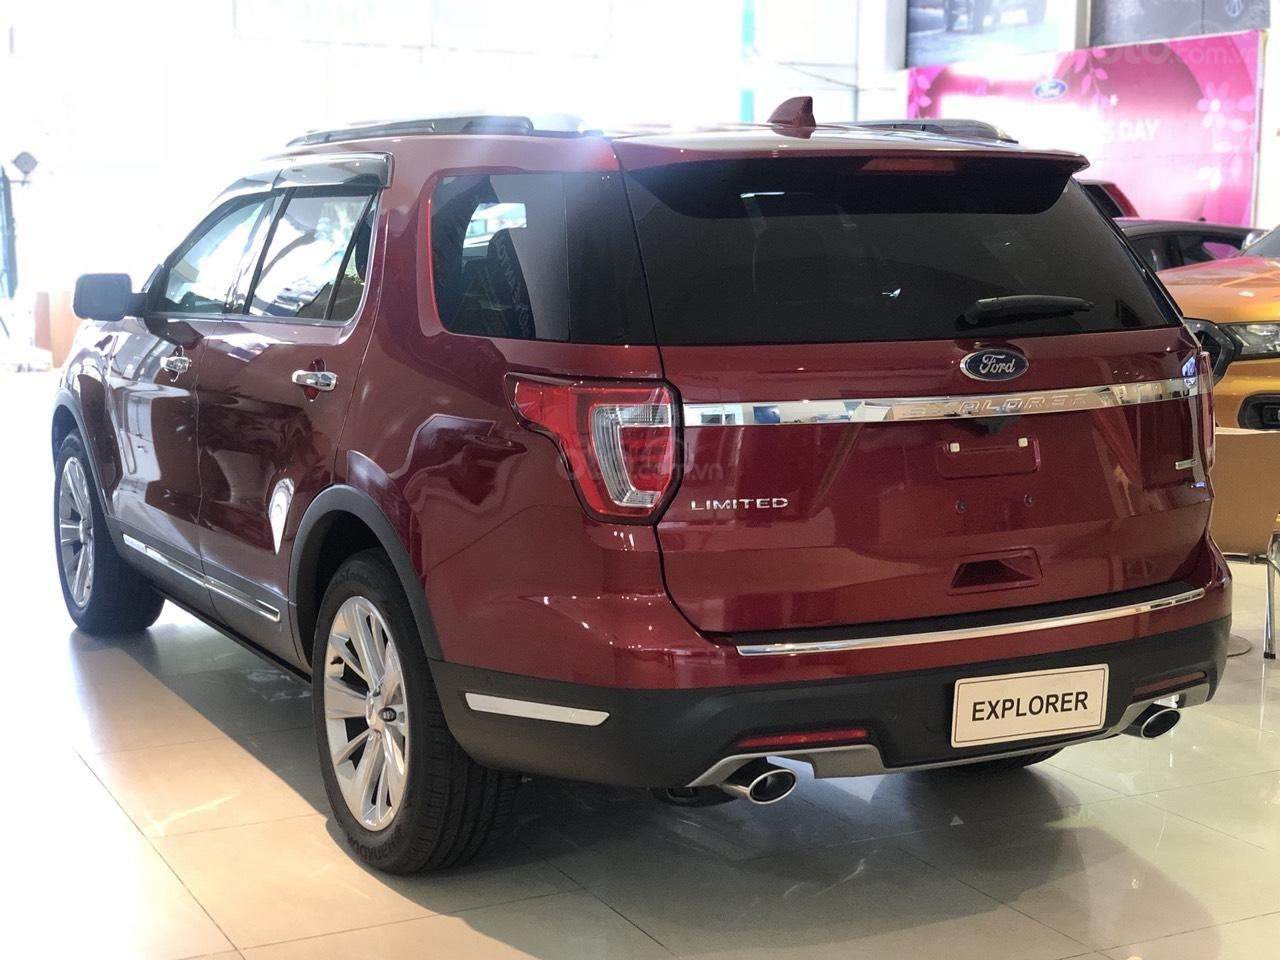 Ford Explorer Ecoboost Limited khuyến mãi khủng tặng phụ kiện giá trị (4)